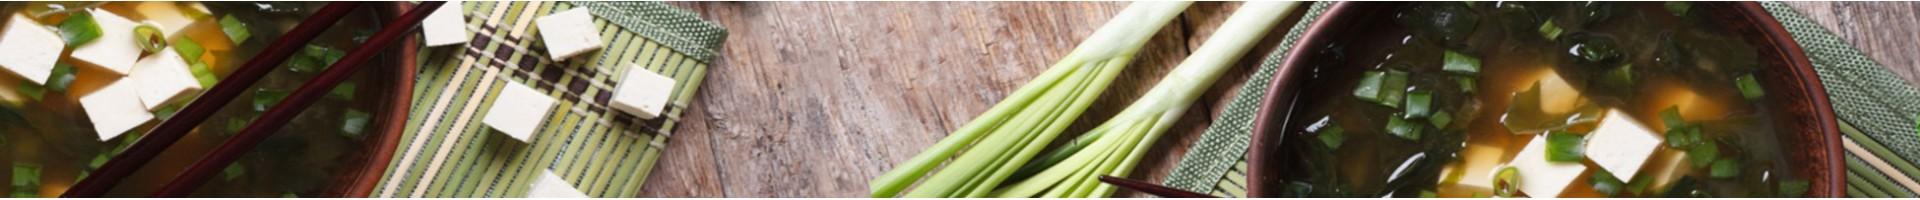 Alimentación Macrobiótica: Bardana, Sopa de miso | La Finestra